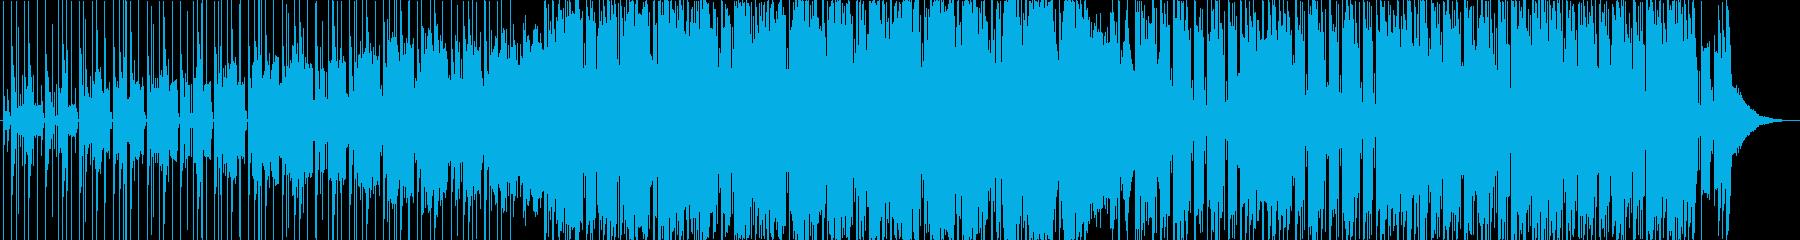 緊張/疾走感のあるシリアスなデジロックの再生済みの波形